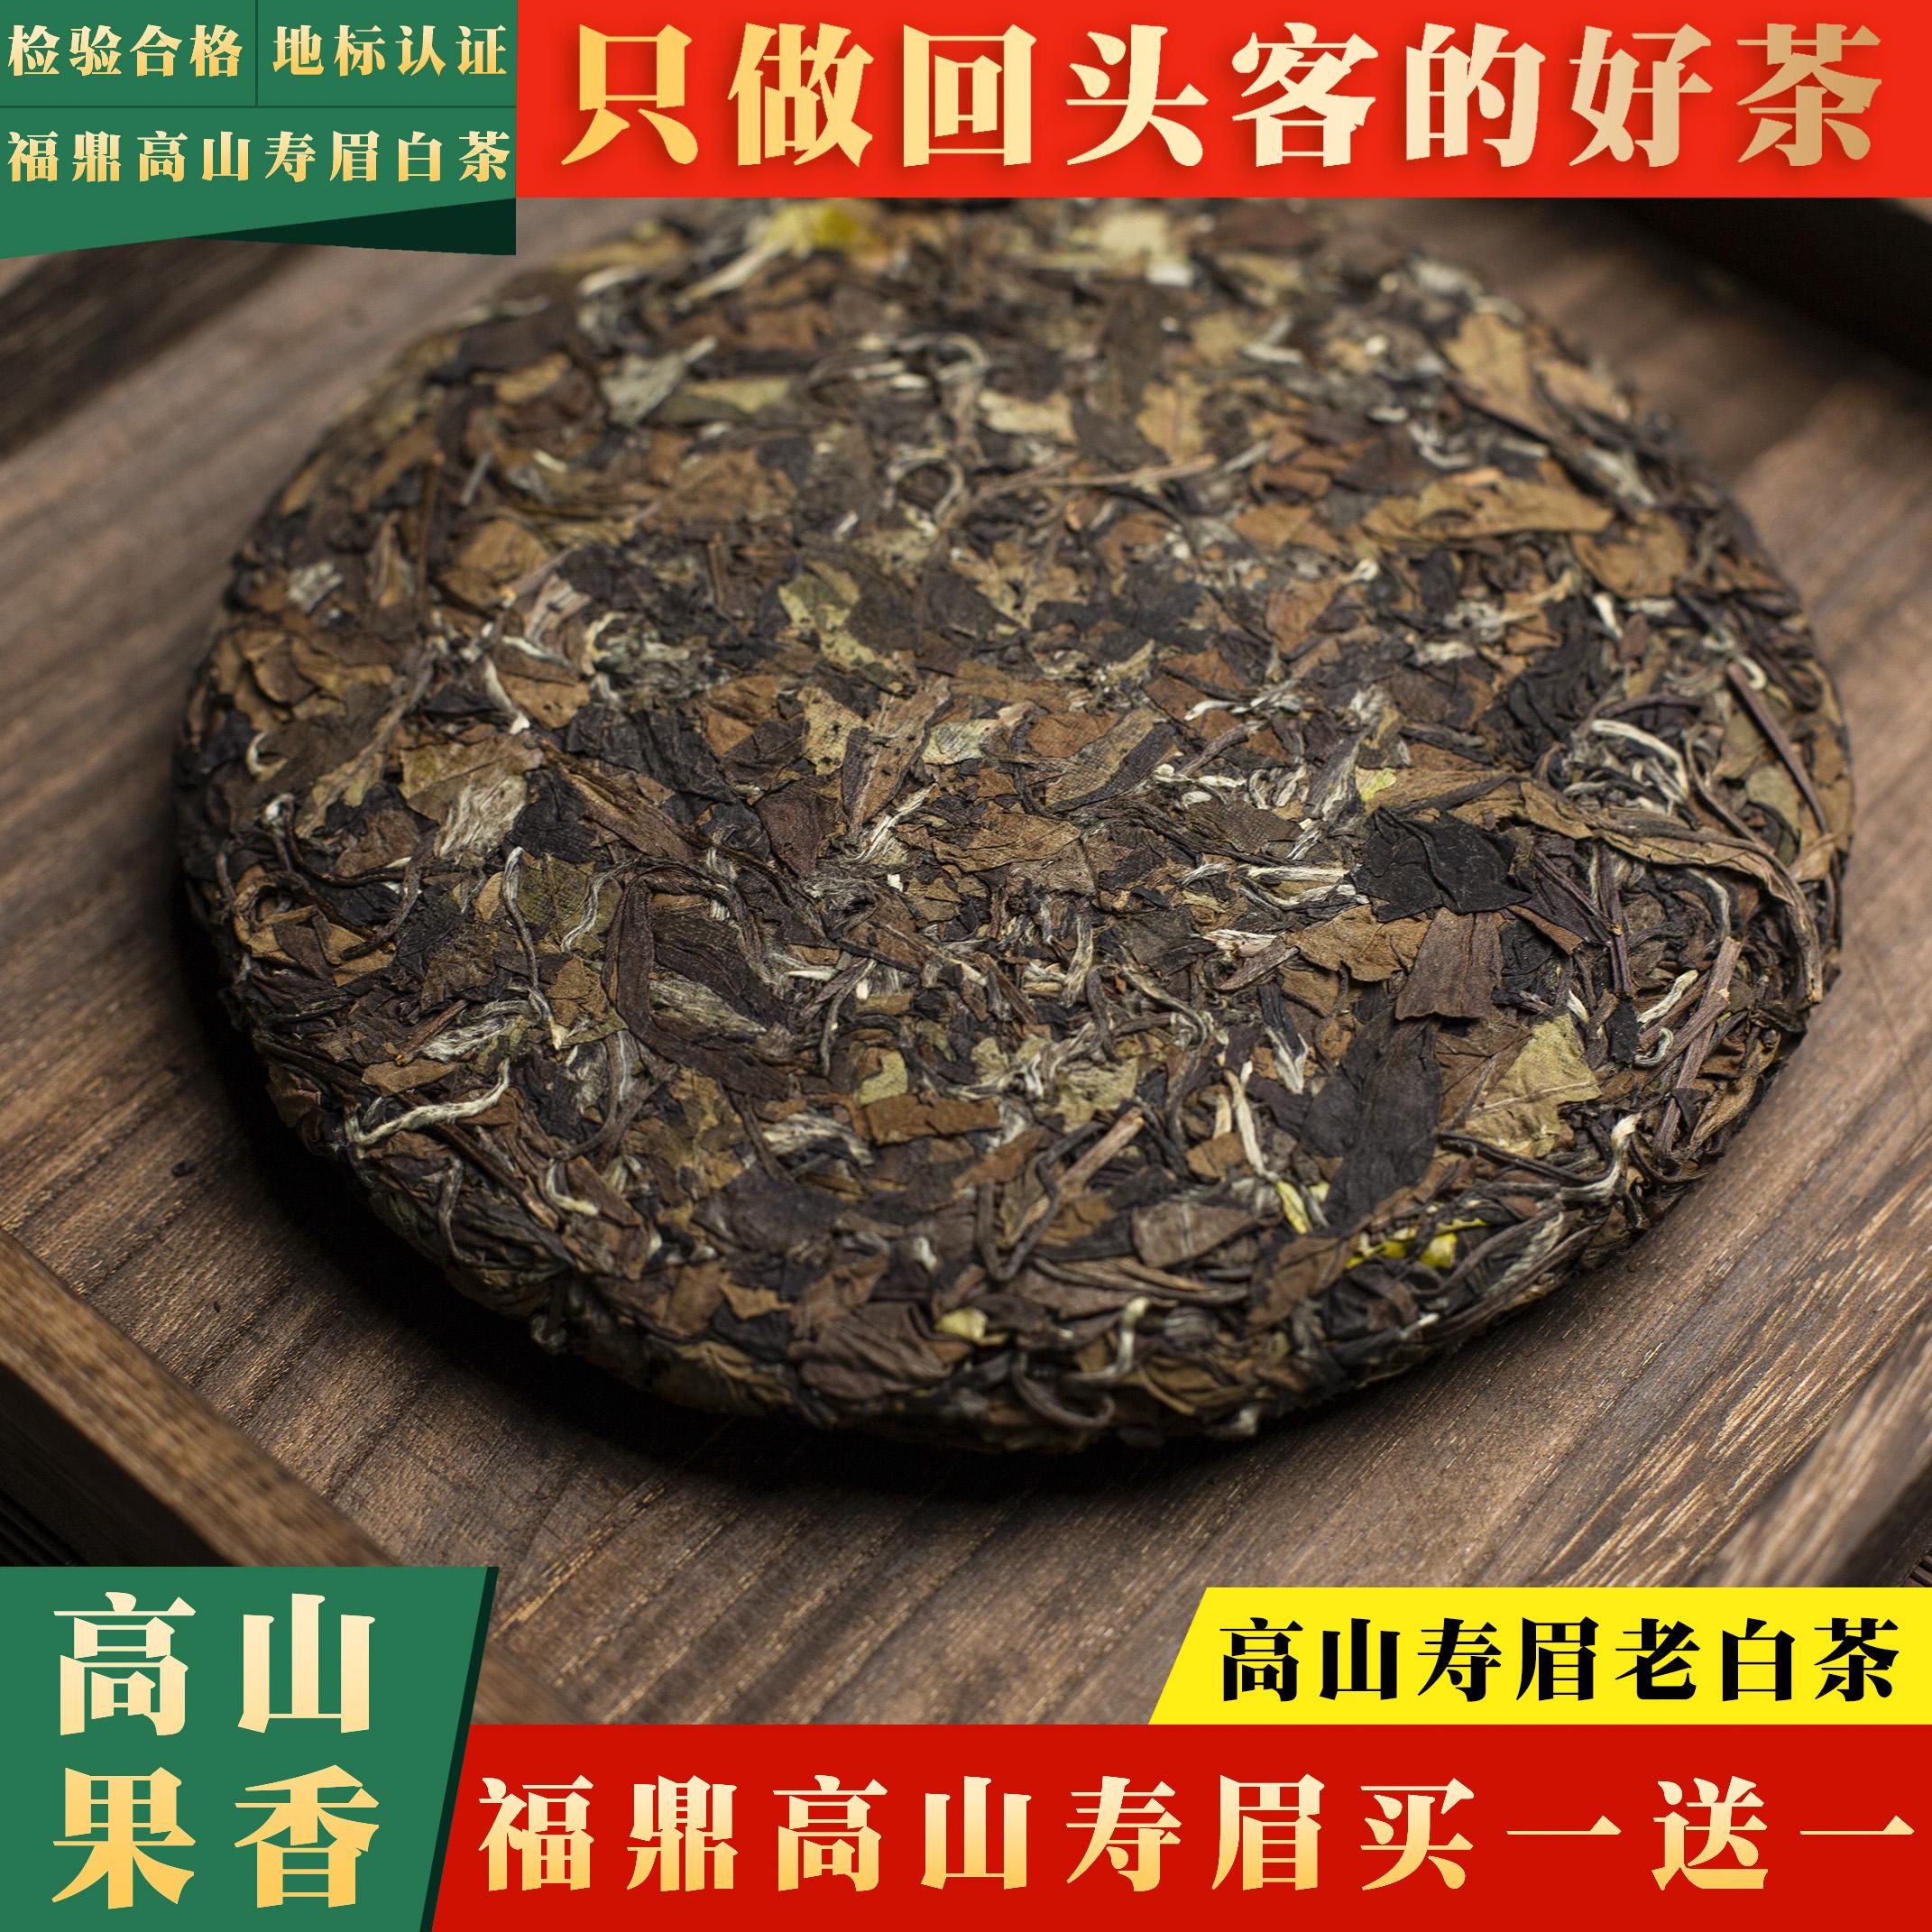 香福寿眉高山原料老树白茶叶福鼎老白茶特级贡眉茶饼350g礼盒包装